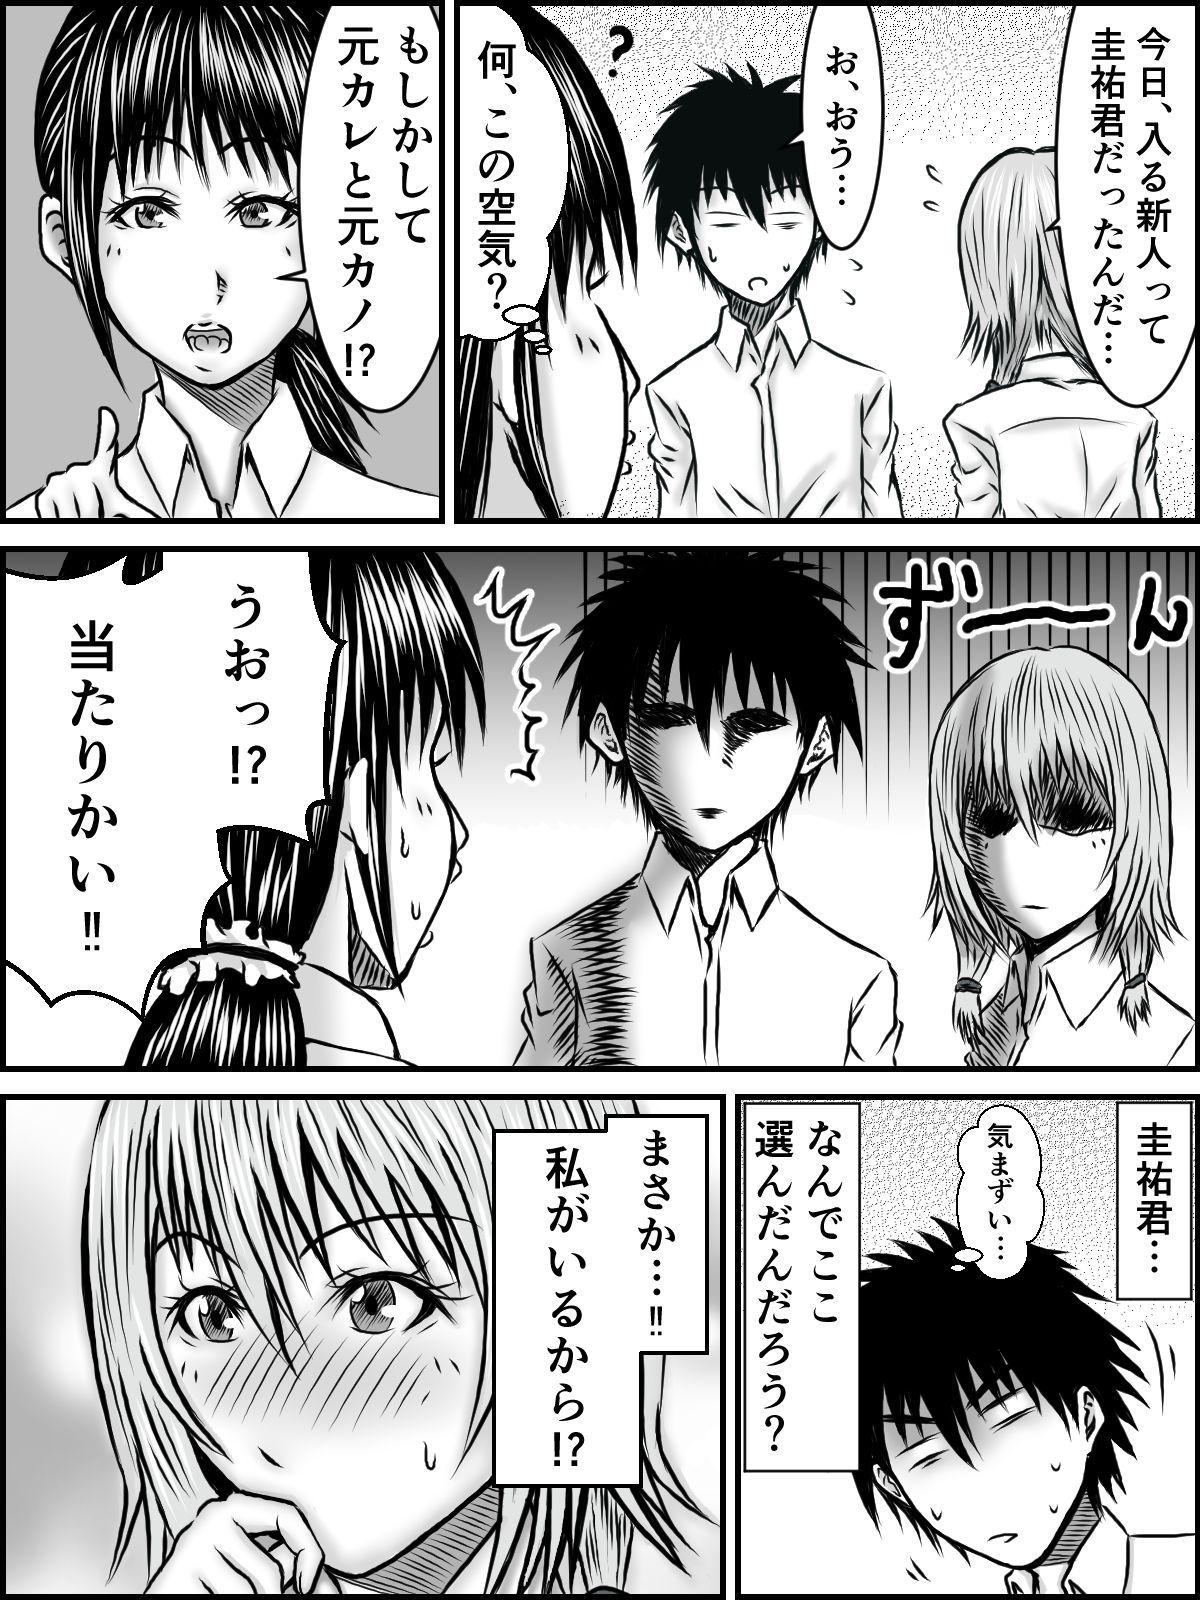 Kiss wa ¥300 74